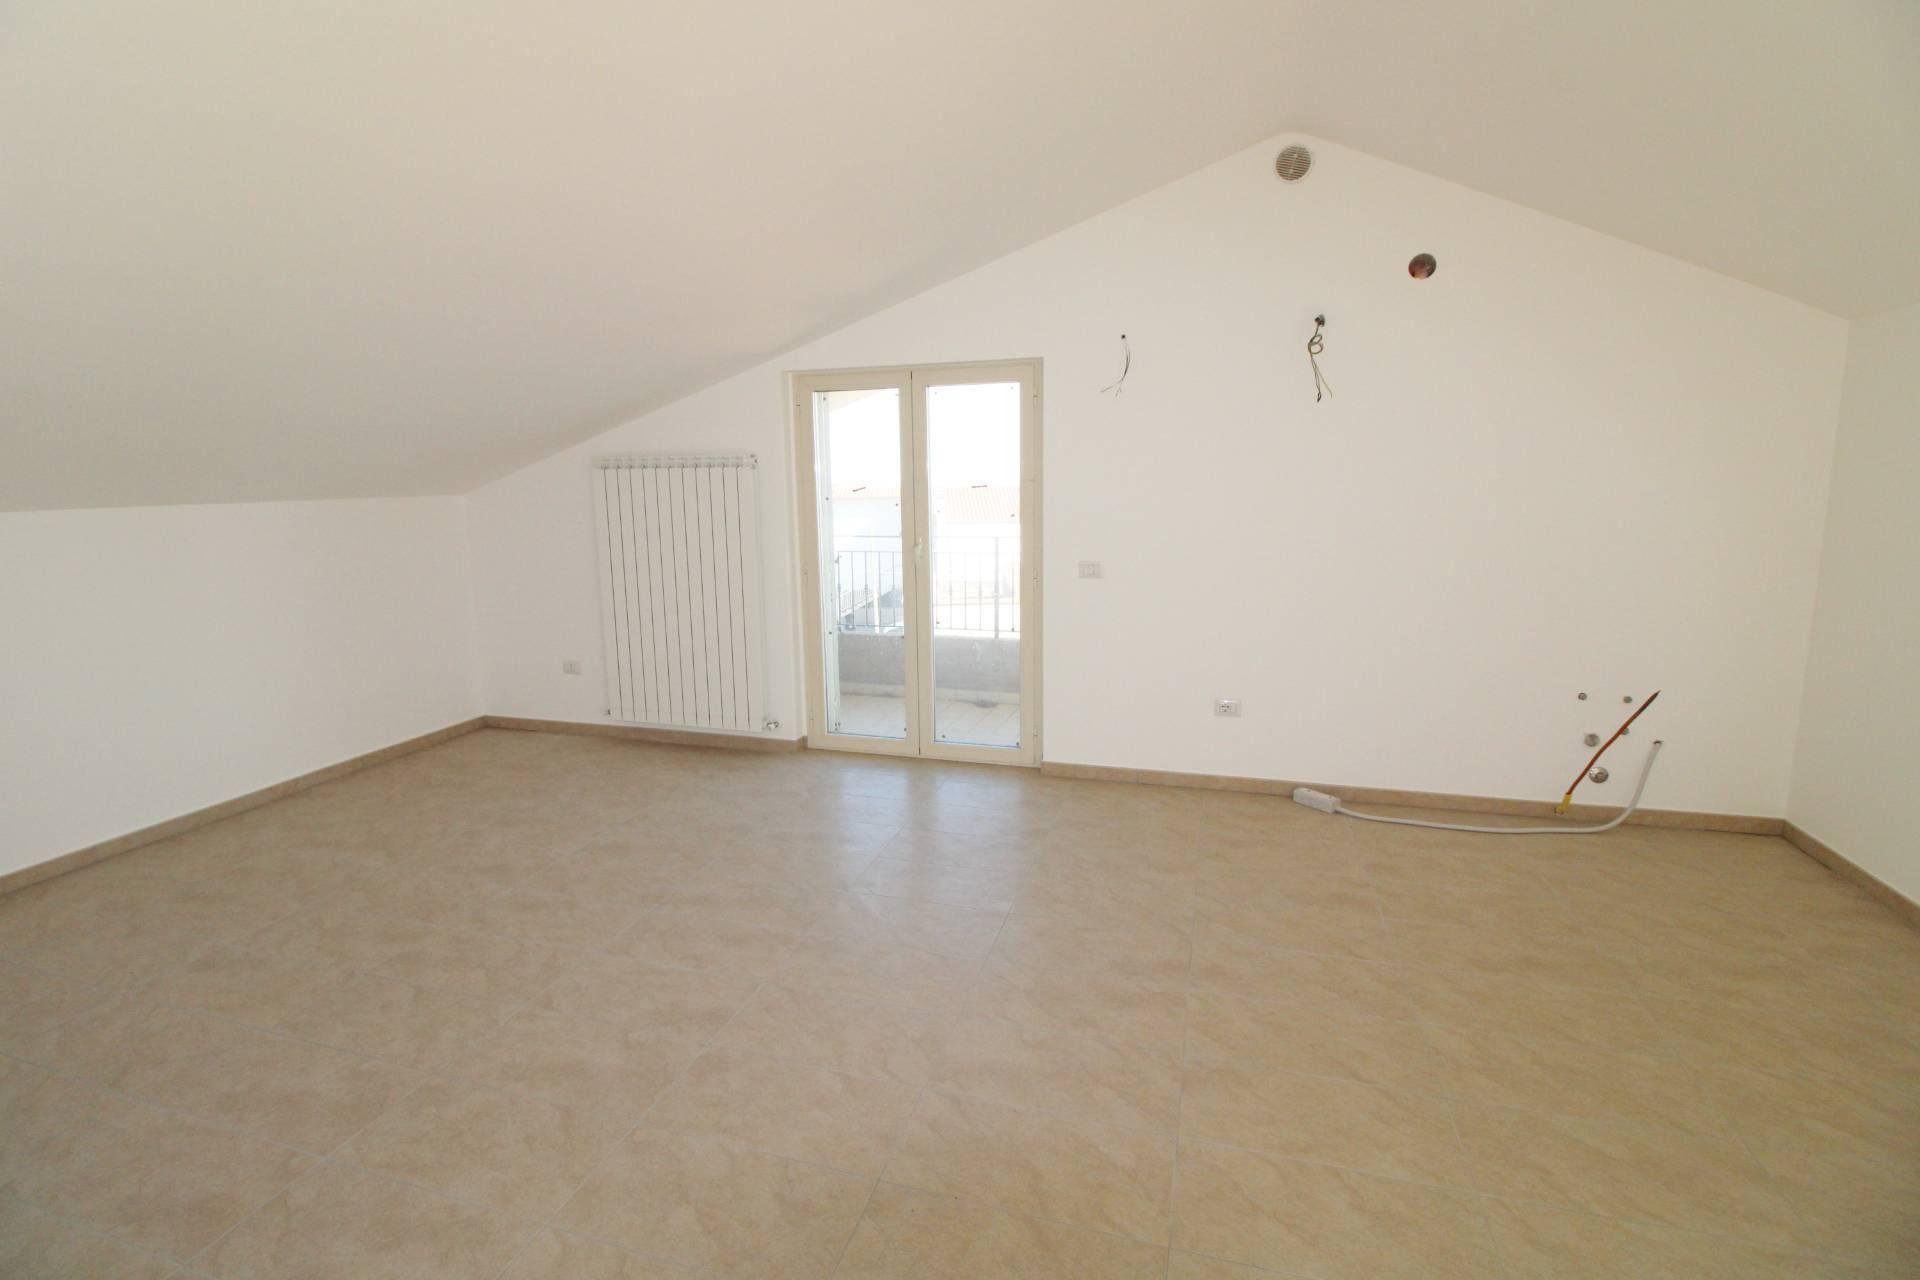 Appartamento in vendita a Colonnella, 4 locali, prezzo € 206.000 | PortaleAgenzieImmobiliari.it